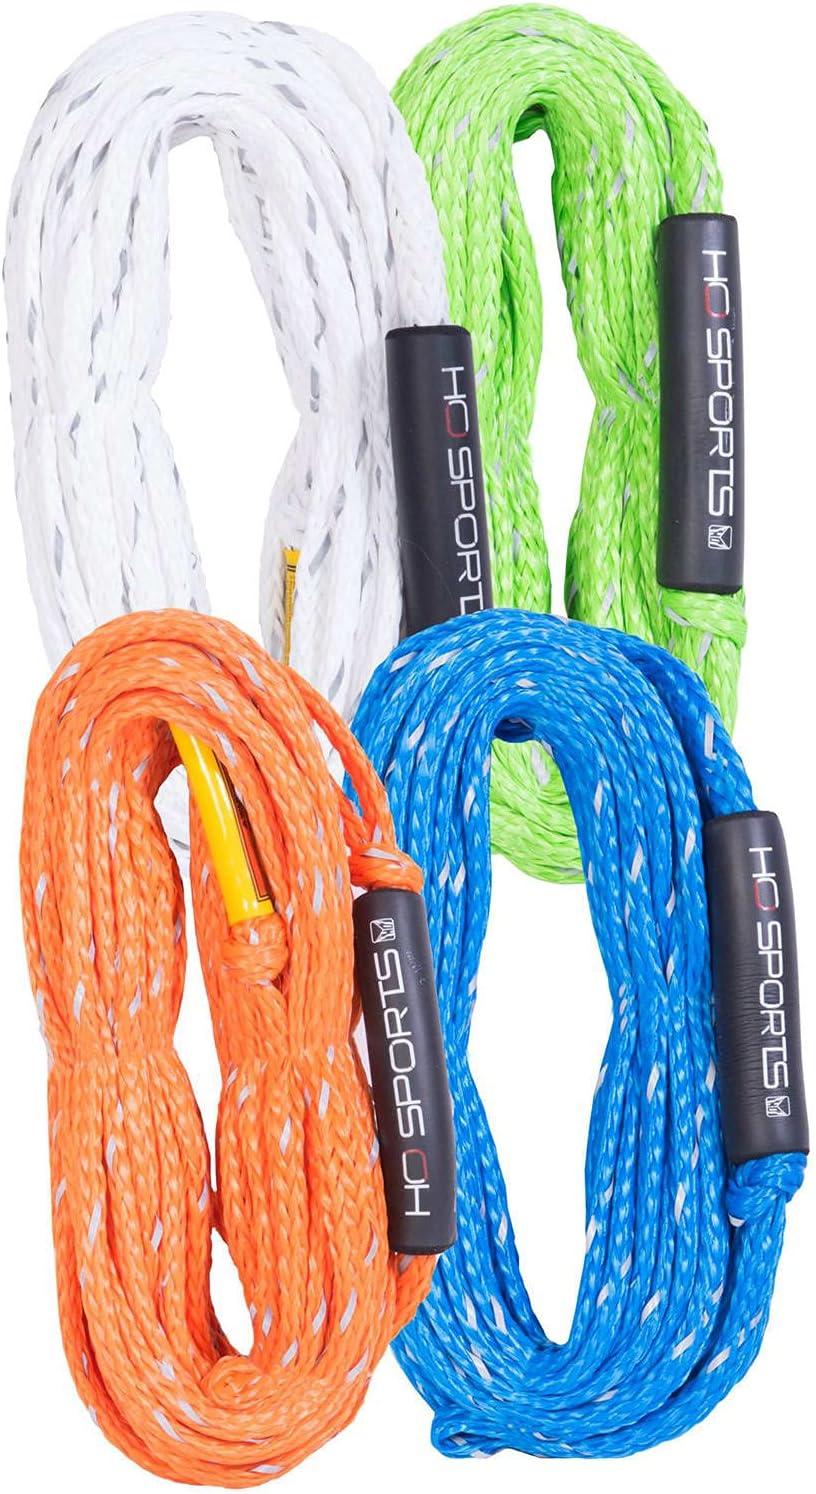 HO 2K Safety Regular Award-winning store store Rope Tube